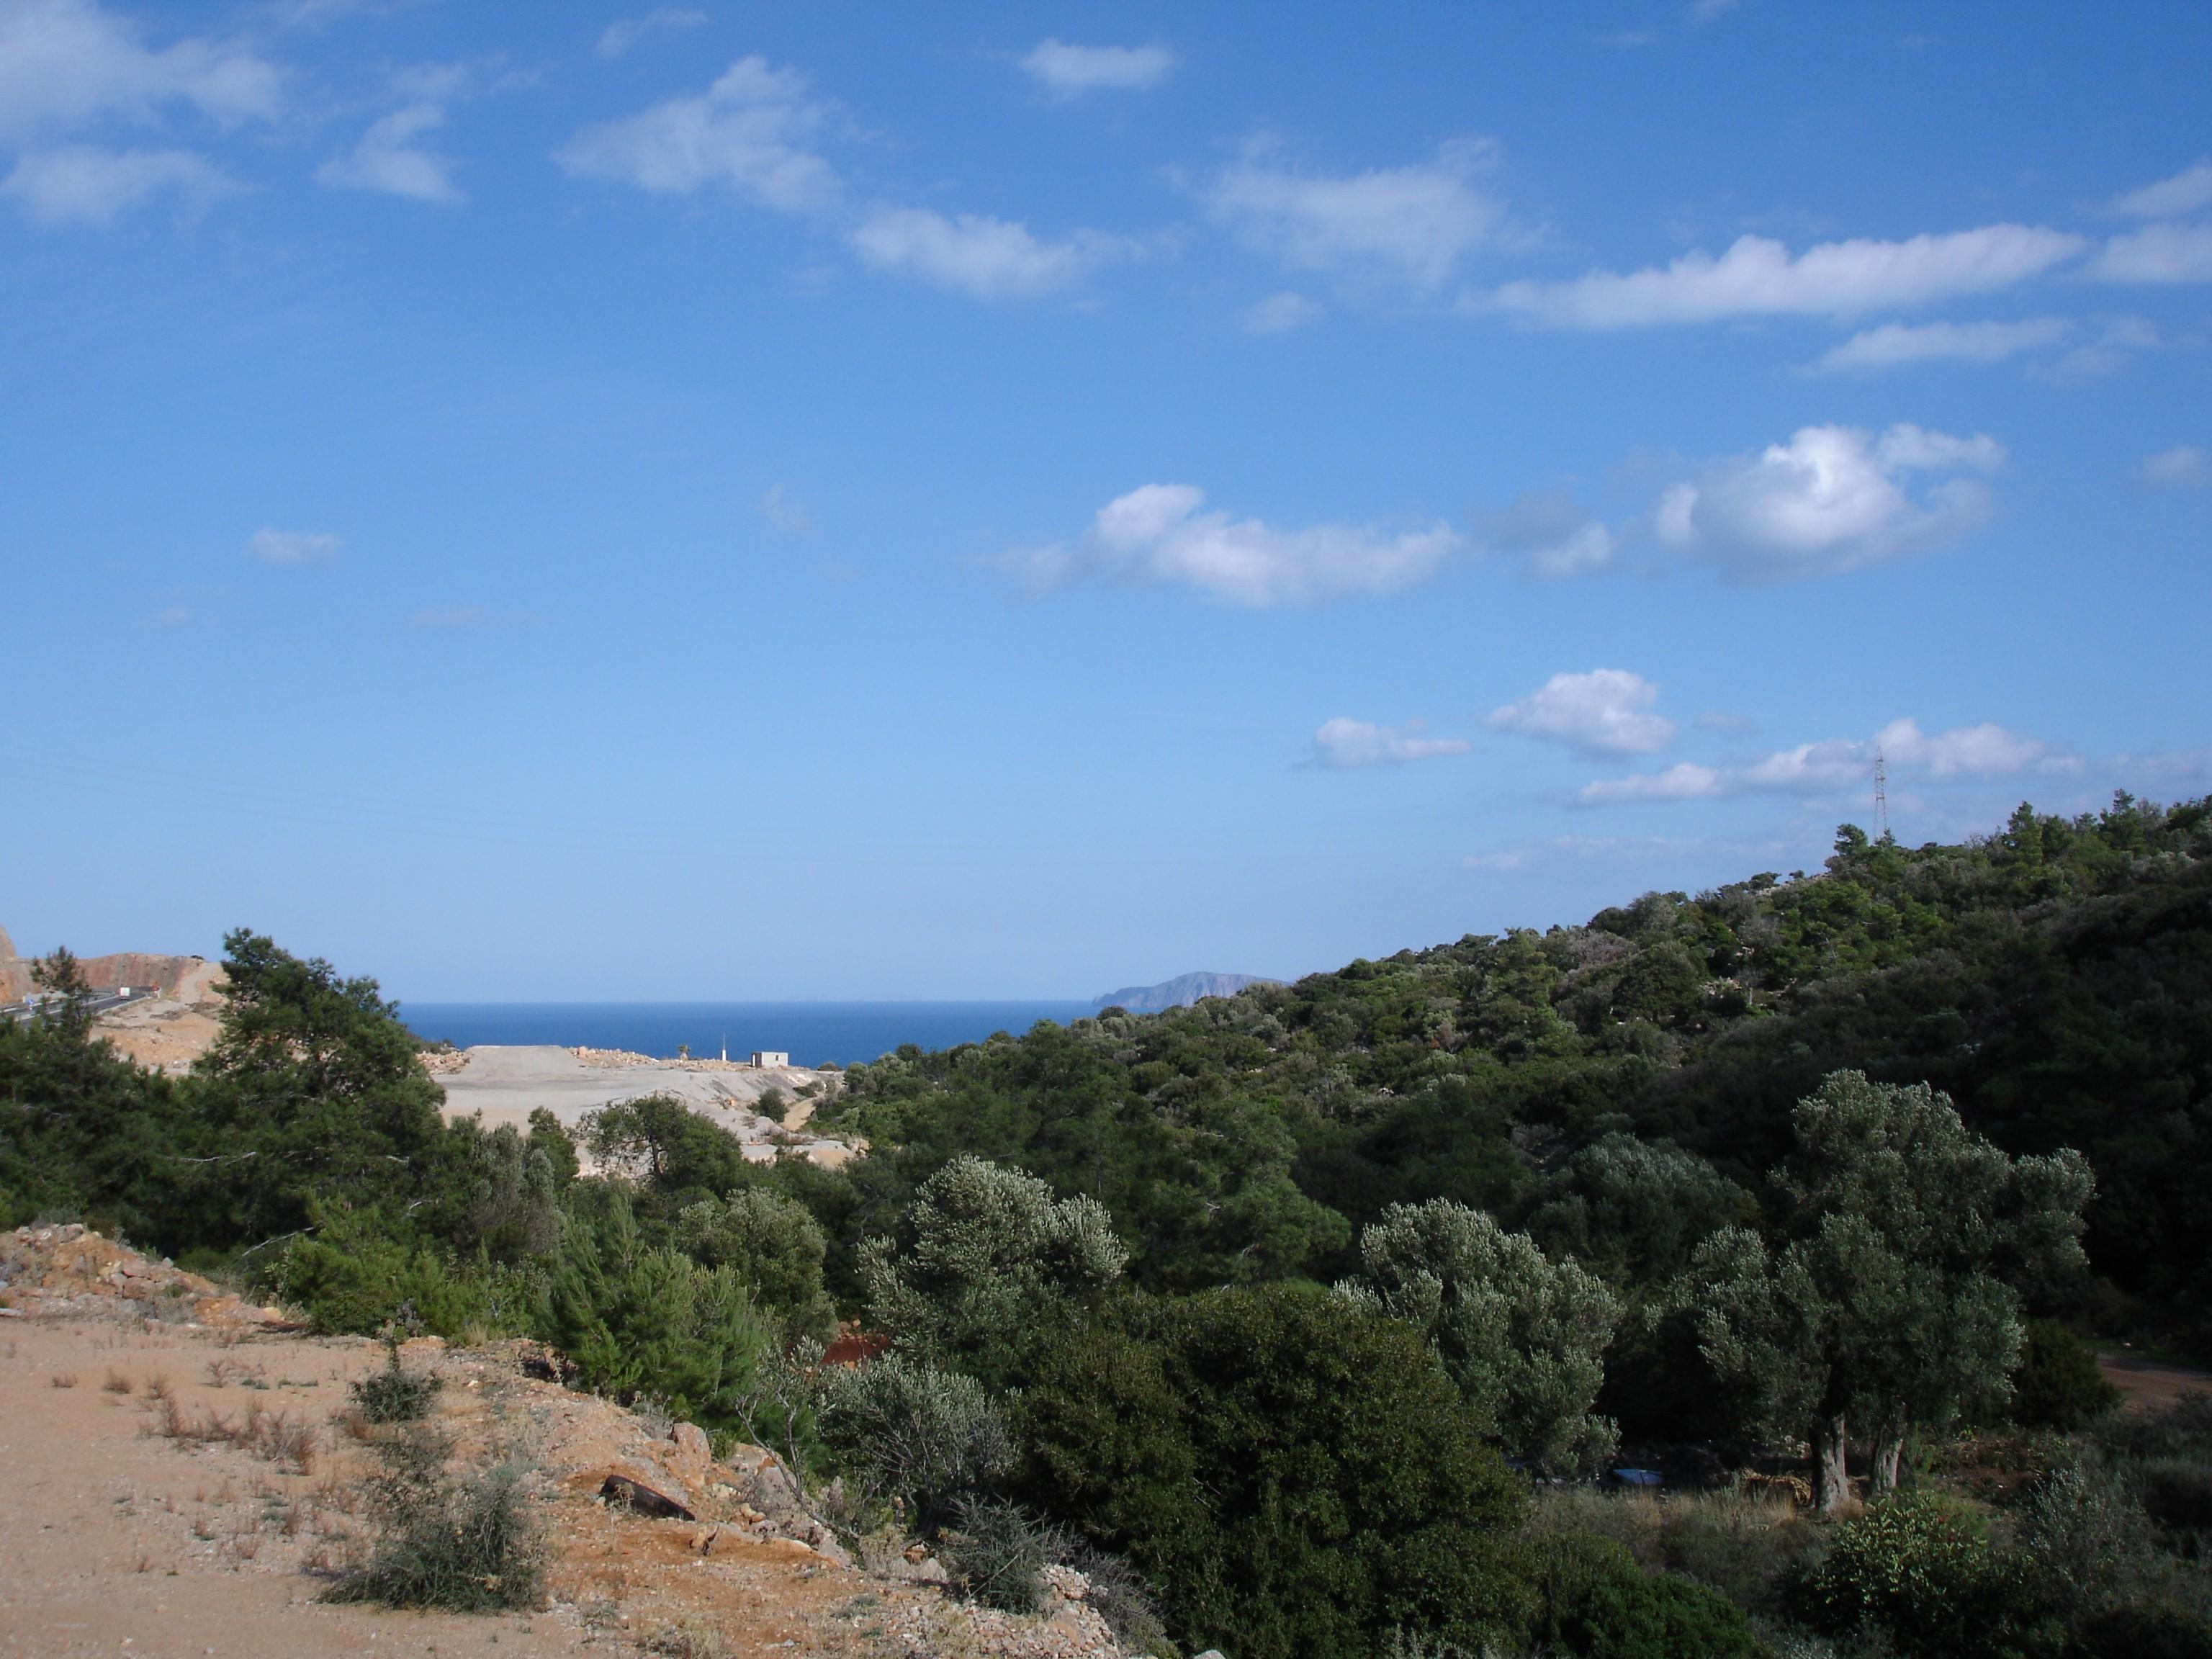 Terreno, Lasithi - Ref GR-4673